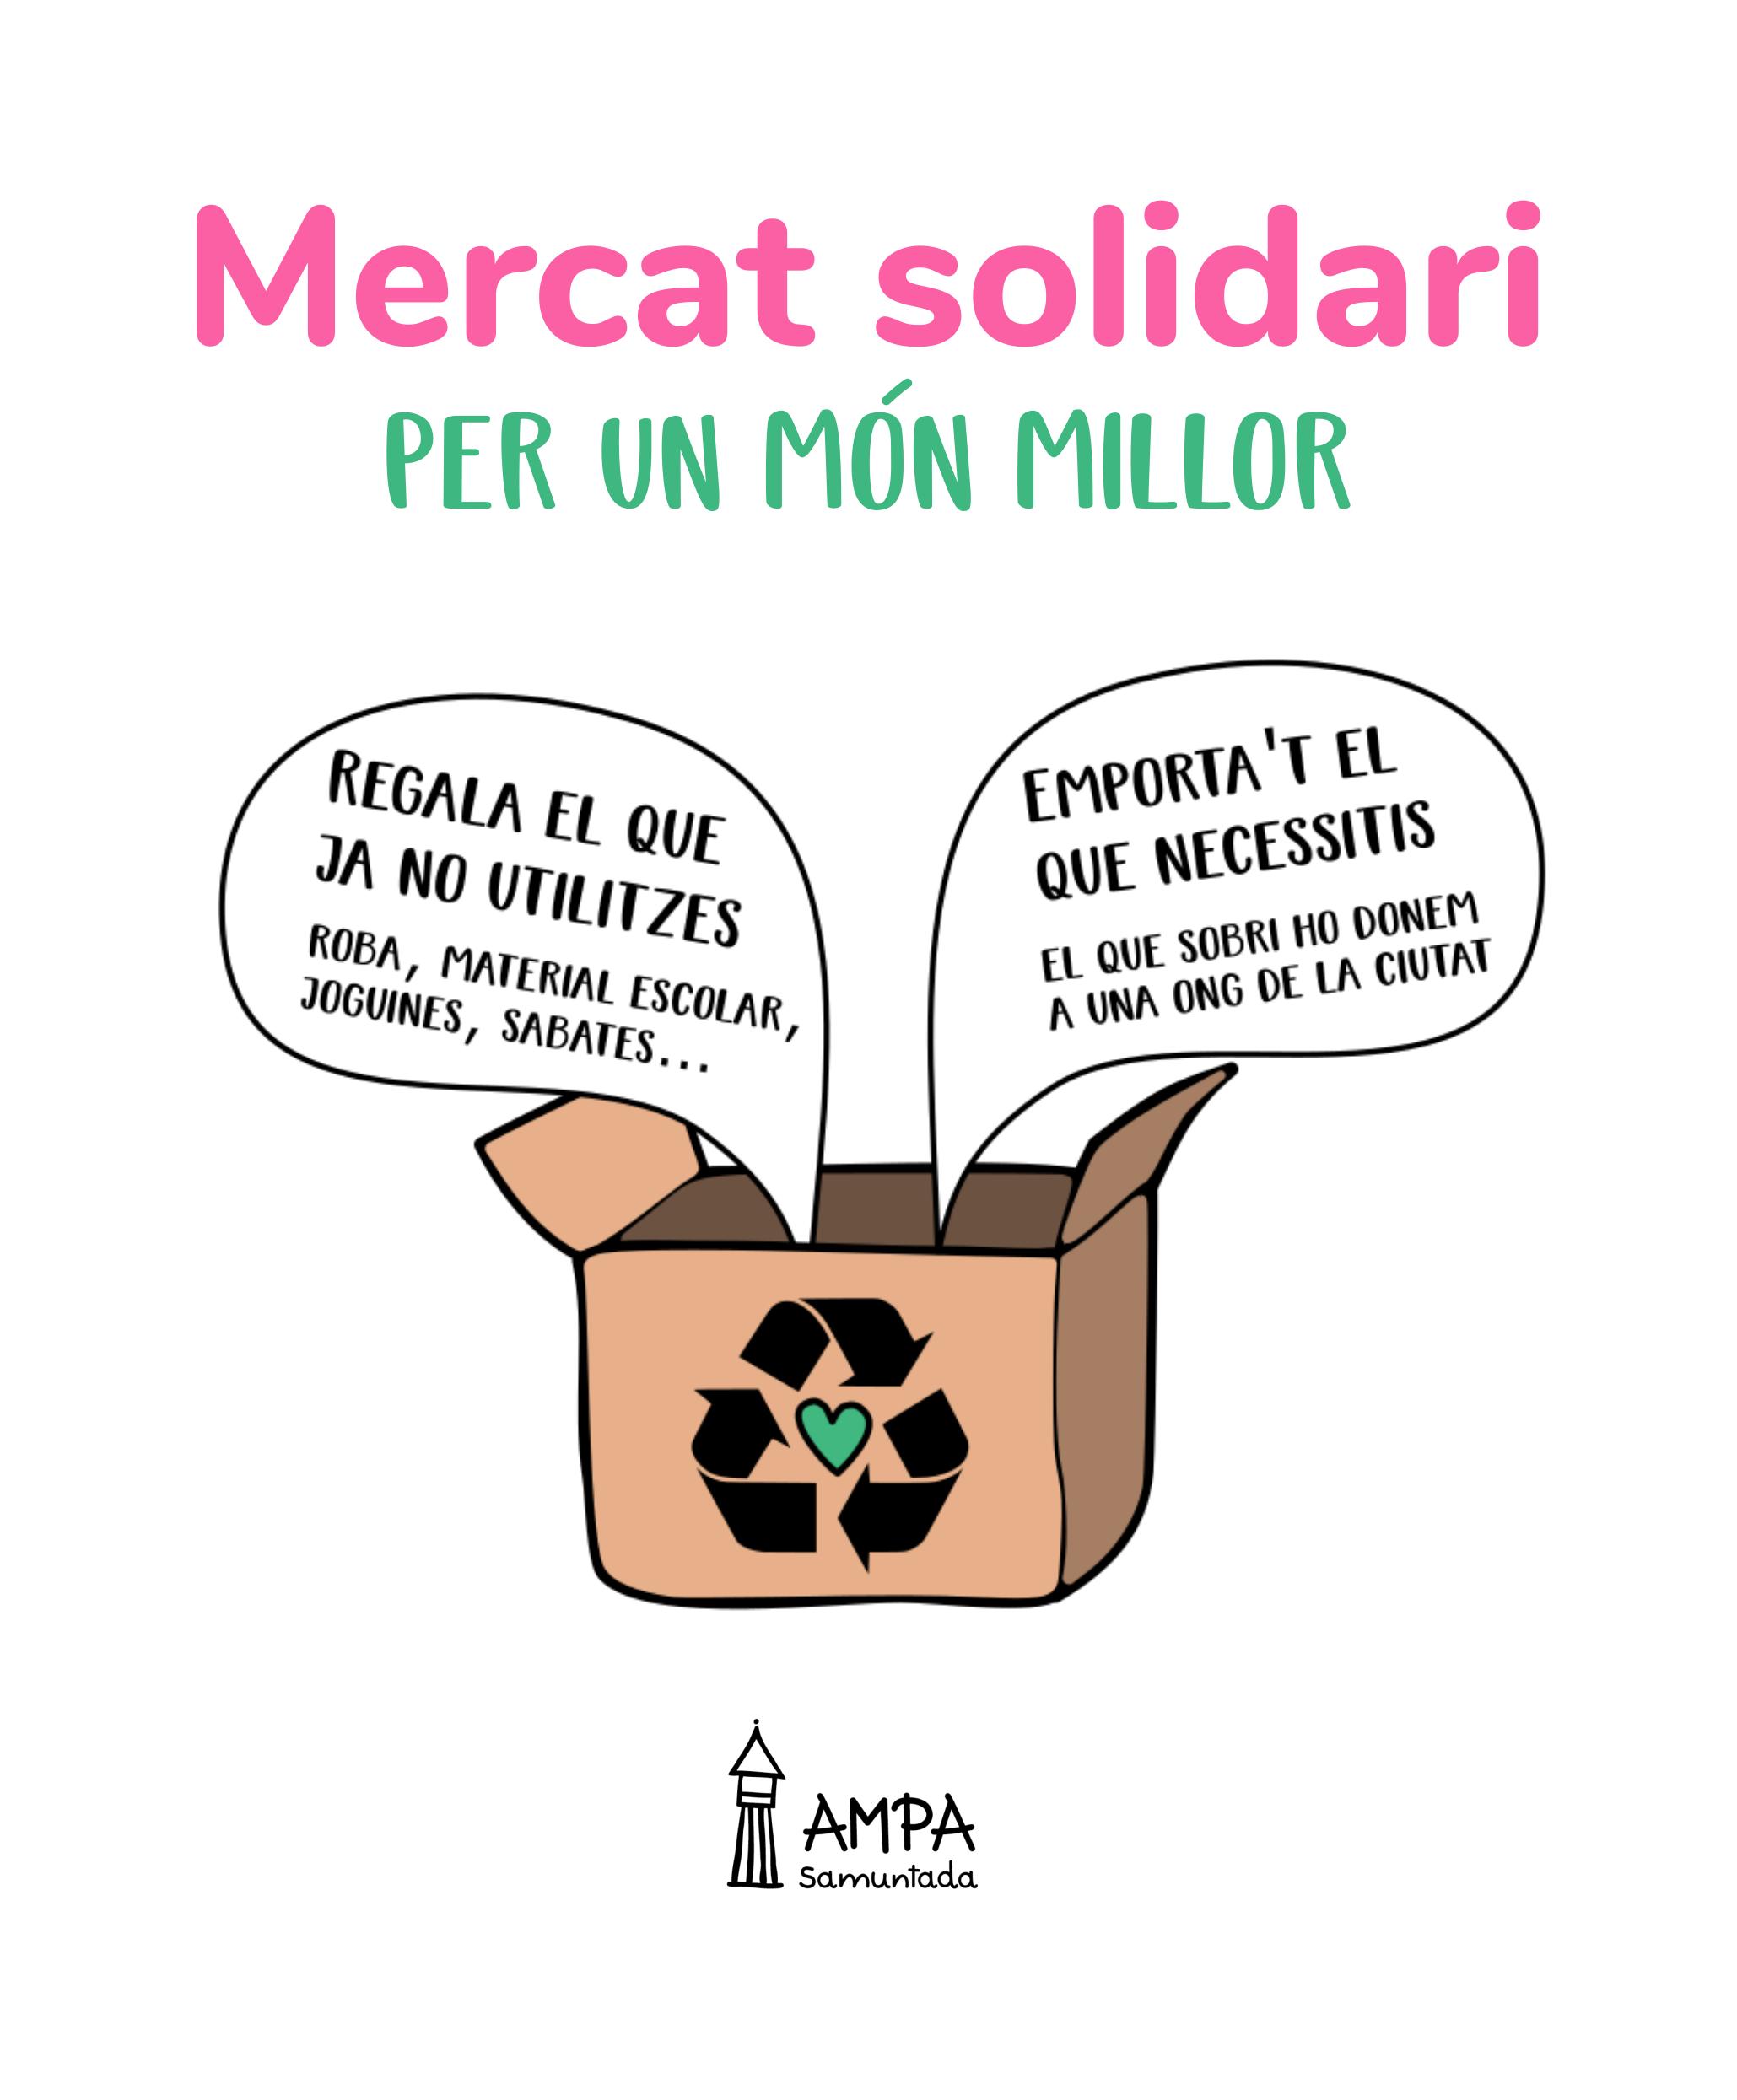 200306_Cartell_Mercat solidari